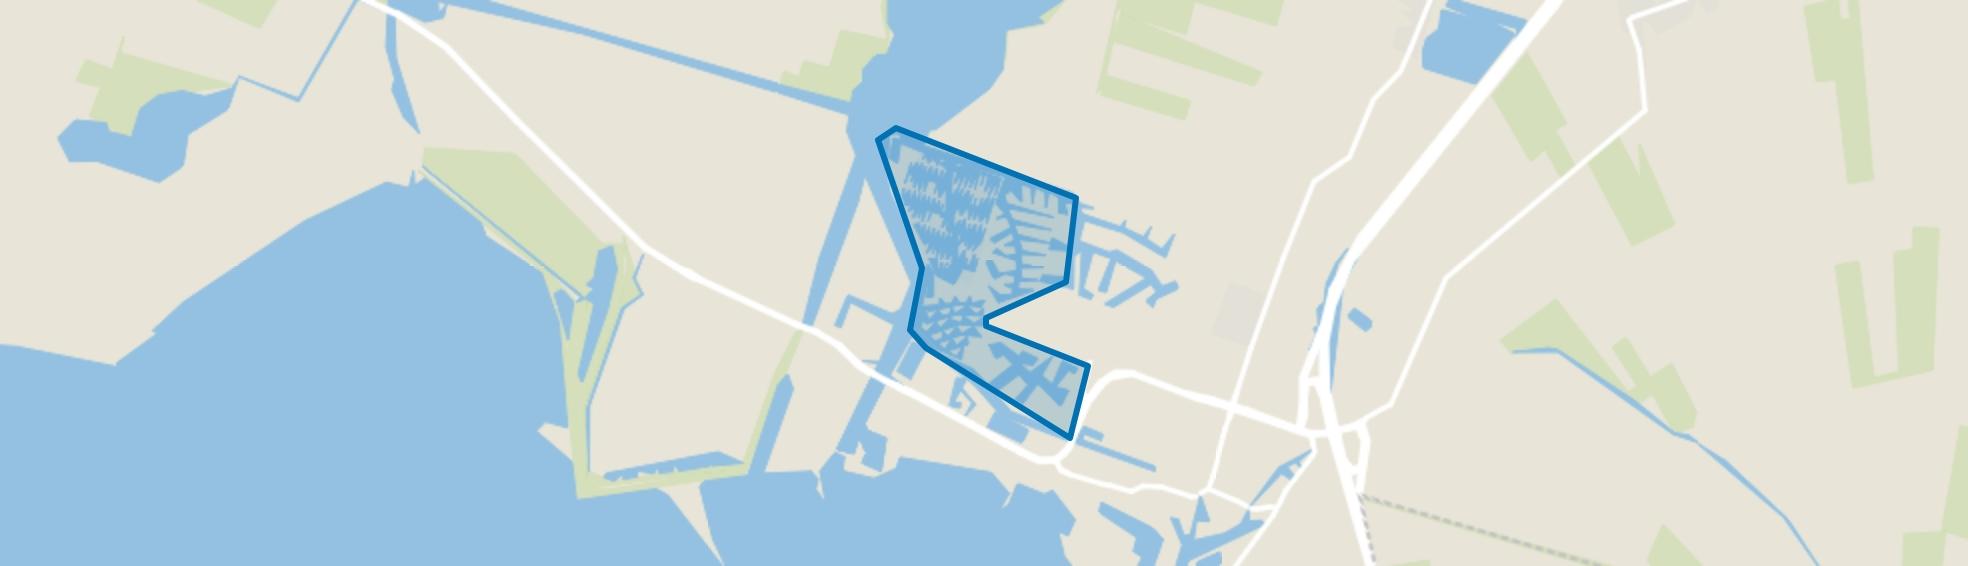 Lemmer-Frieslandpark, Lemmer map